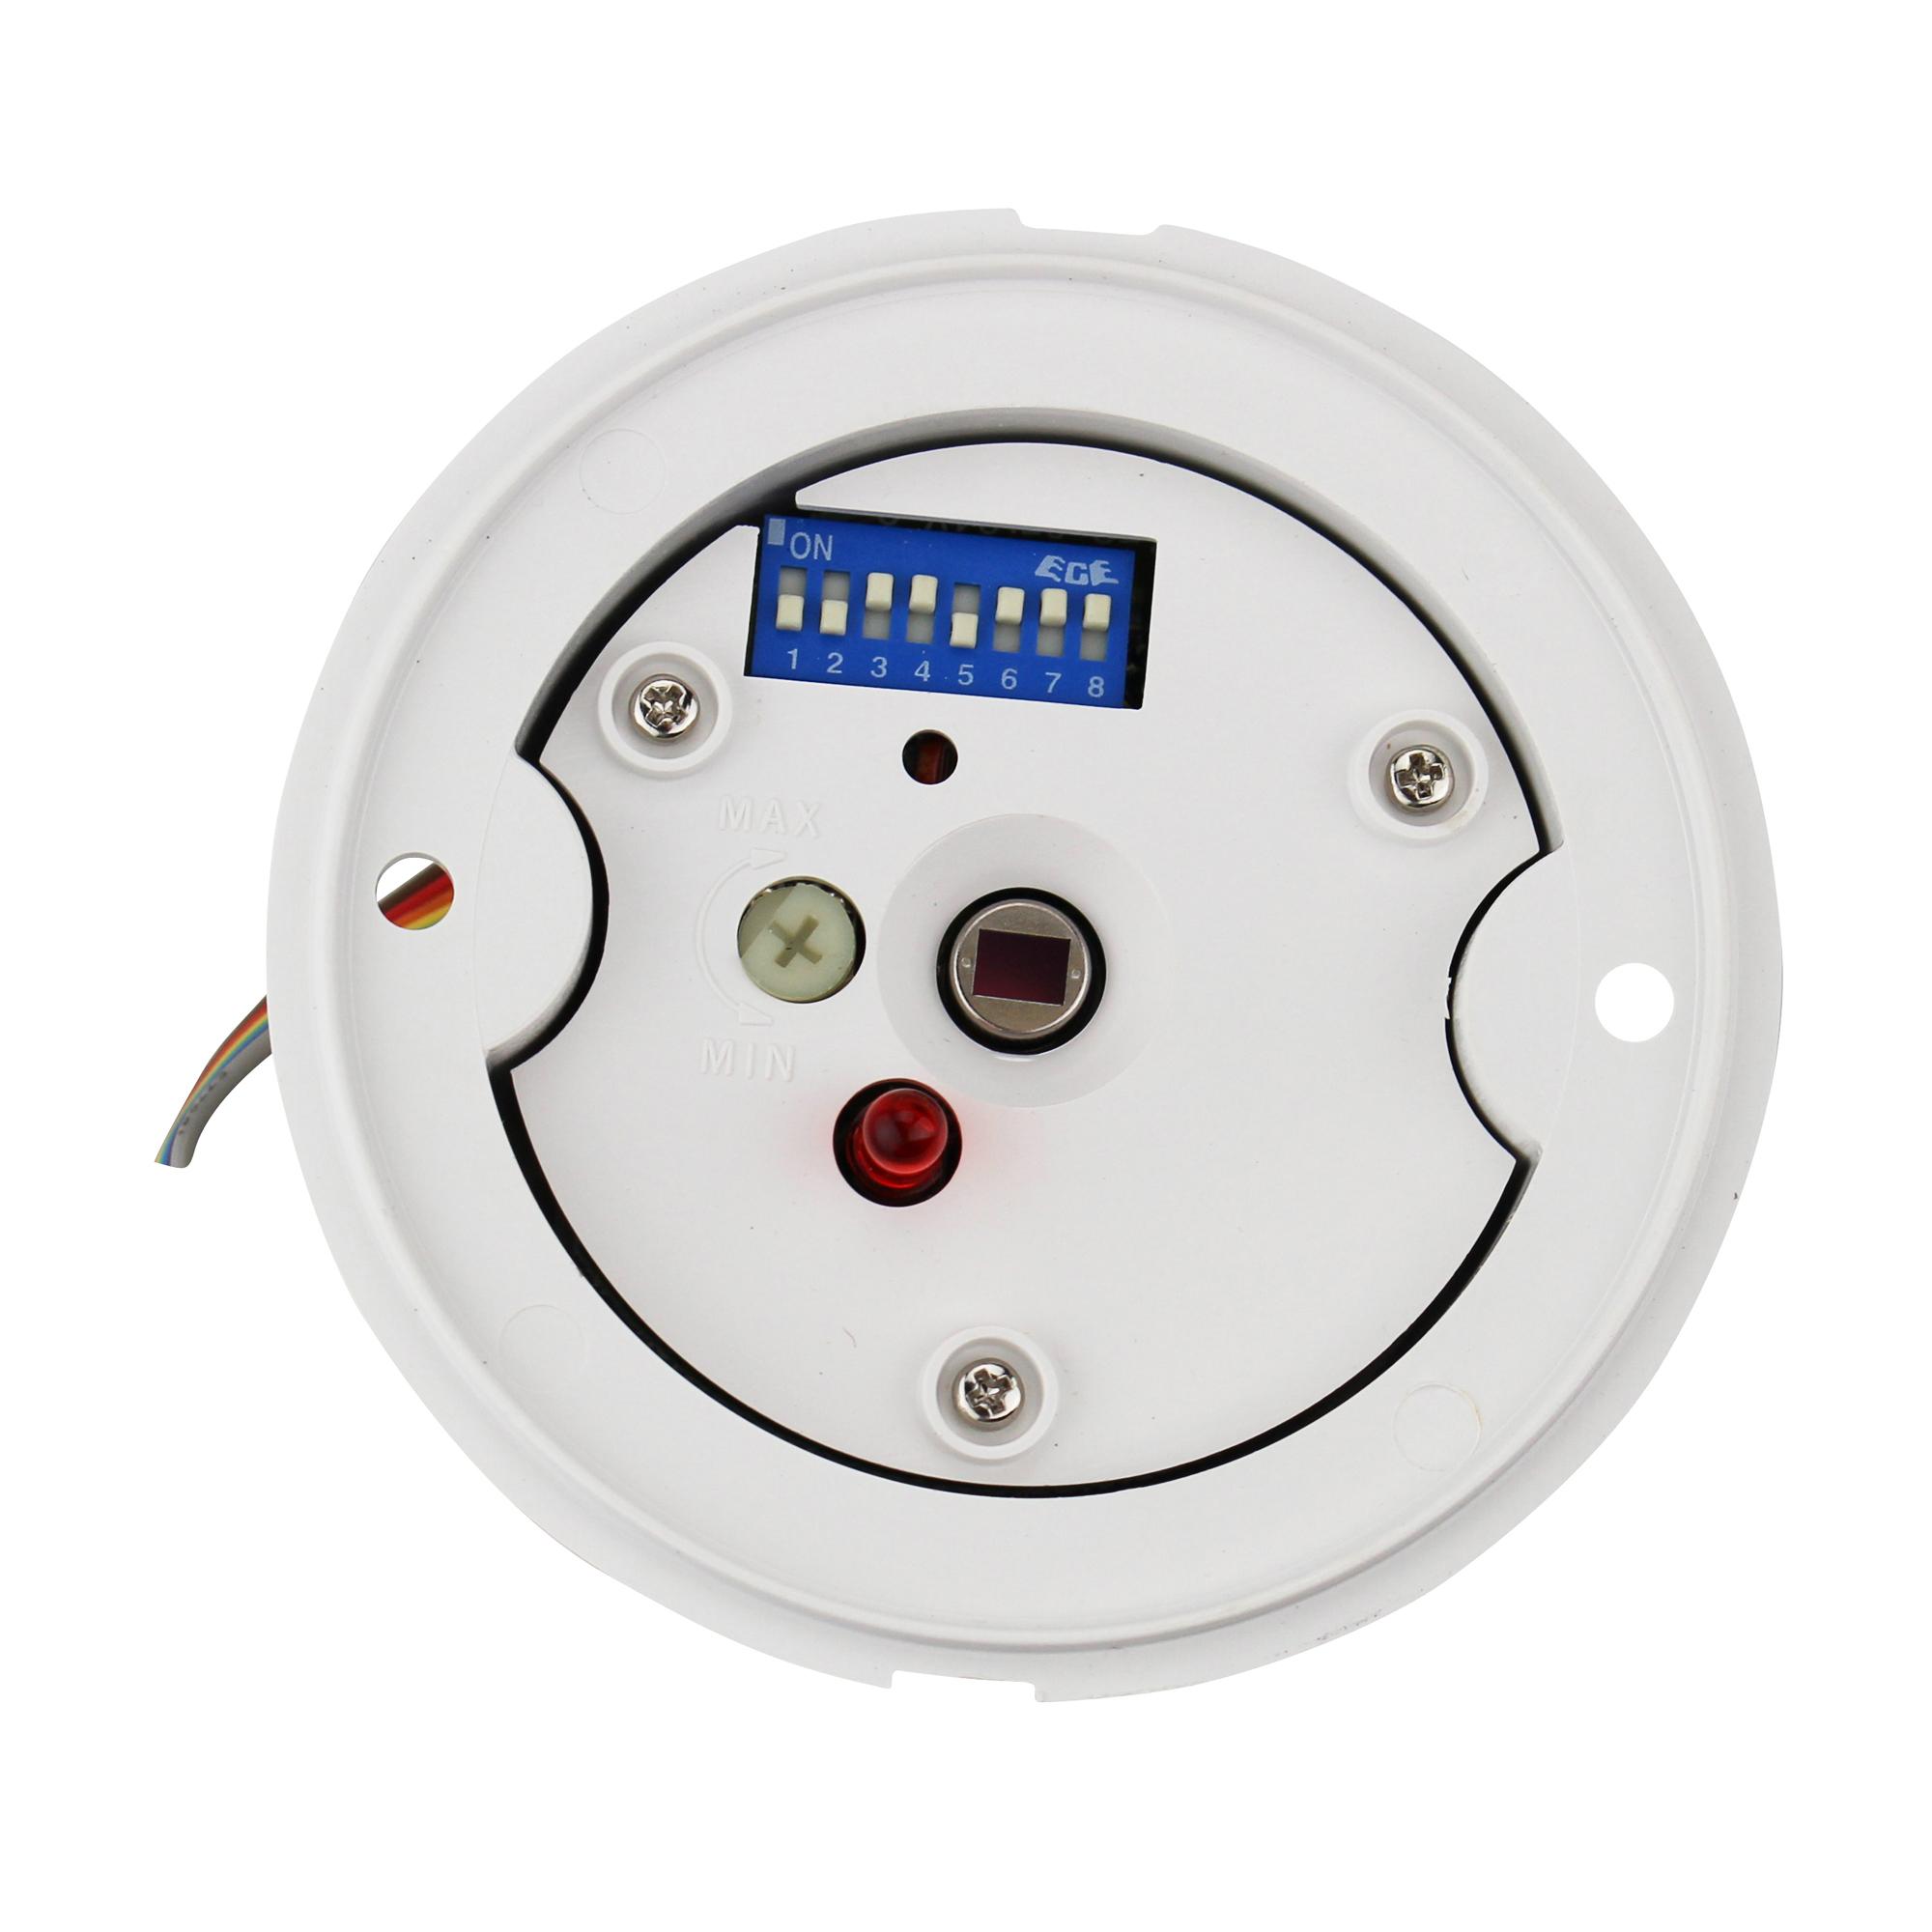 Watt Stopper Ci 200 Ceiling Mt Occupancy Sensor 24v White